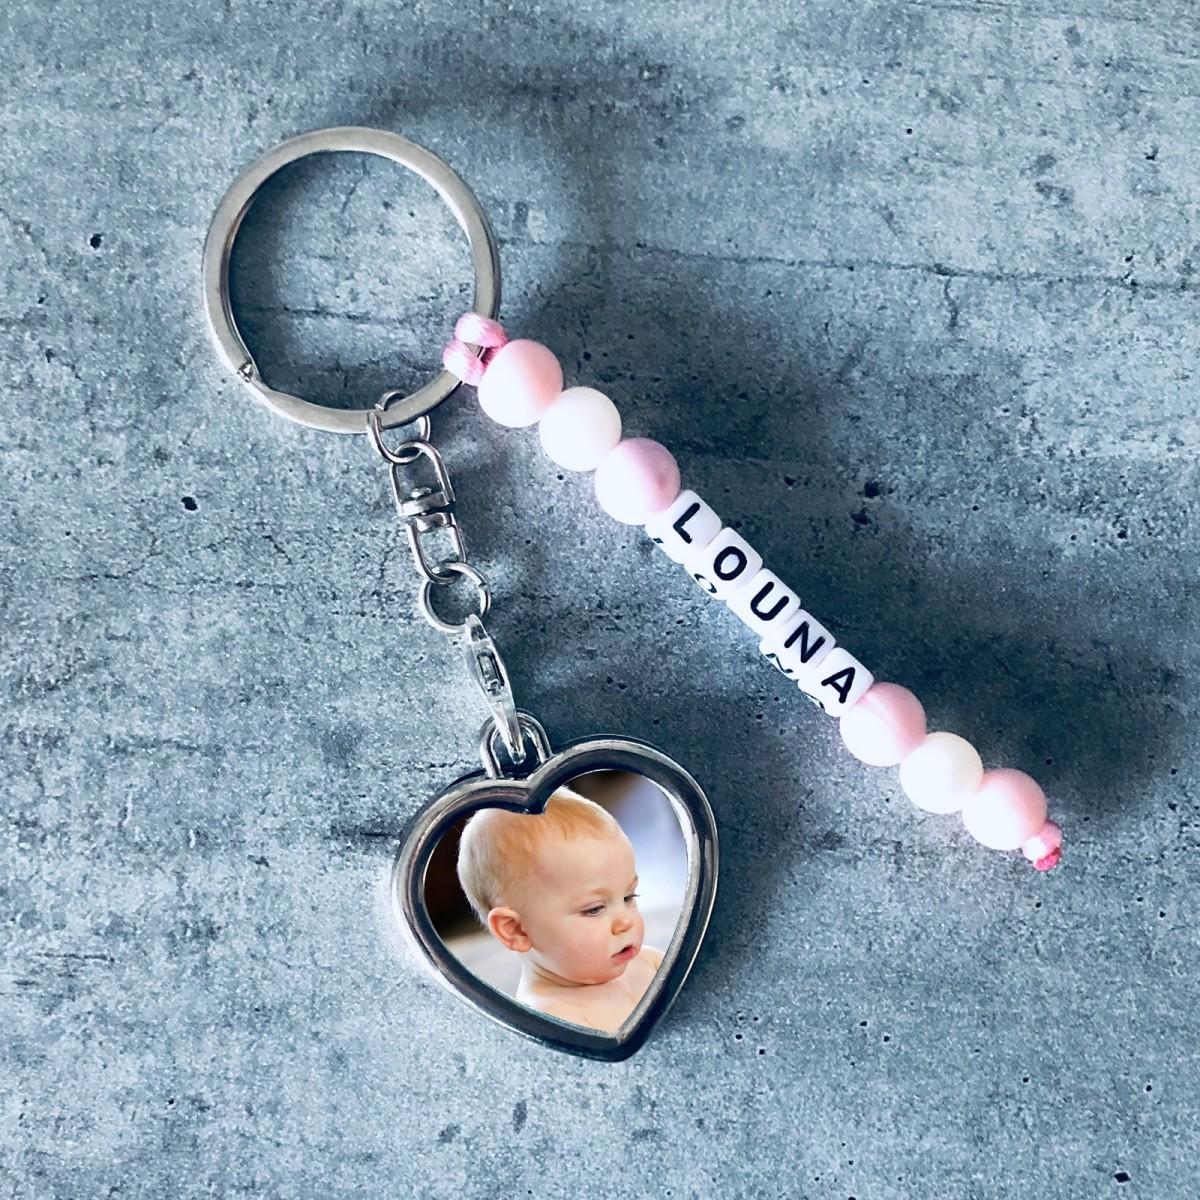 Porte-clé personnalisé avec prénom et photo perles silicone alimentaire